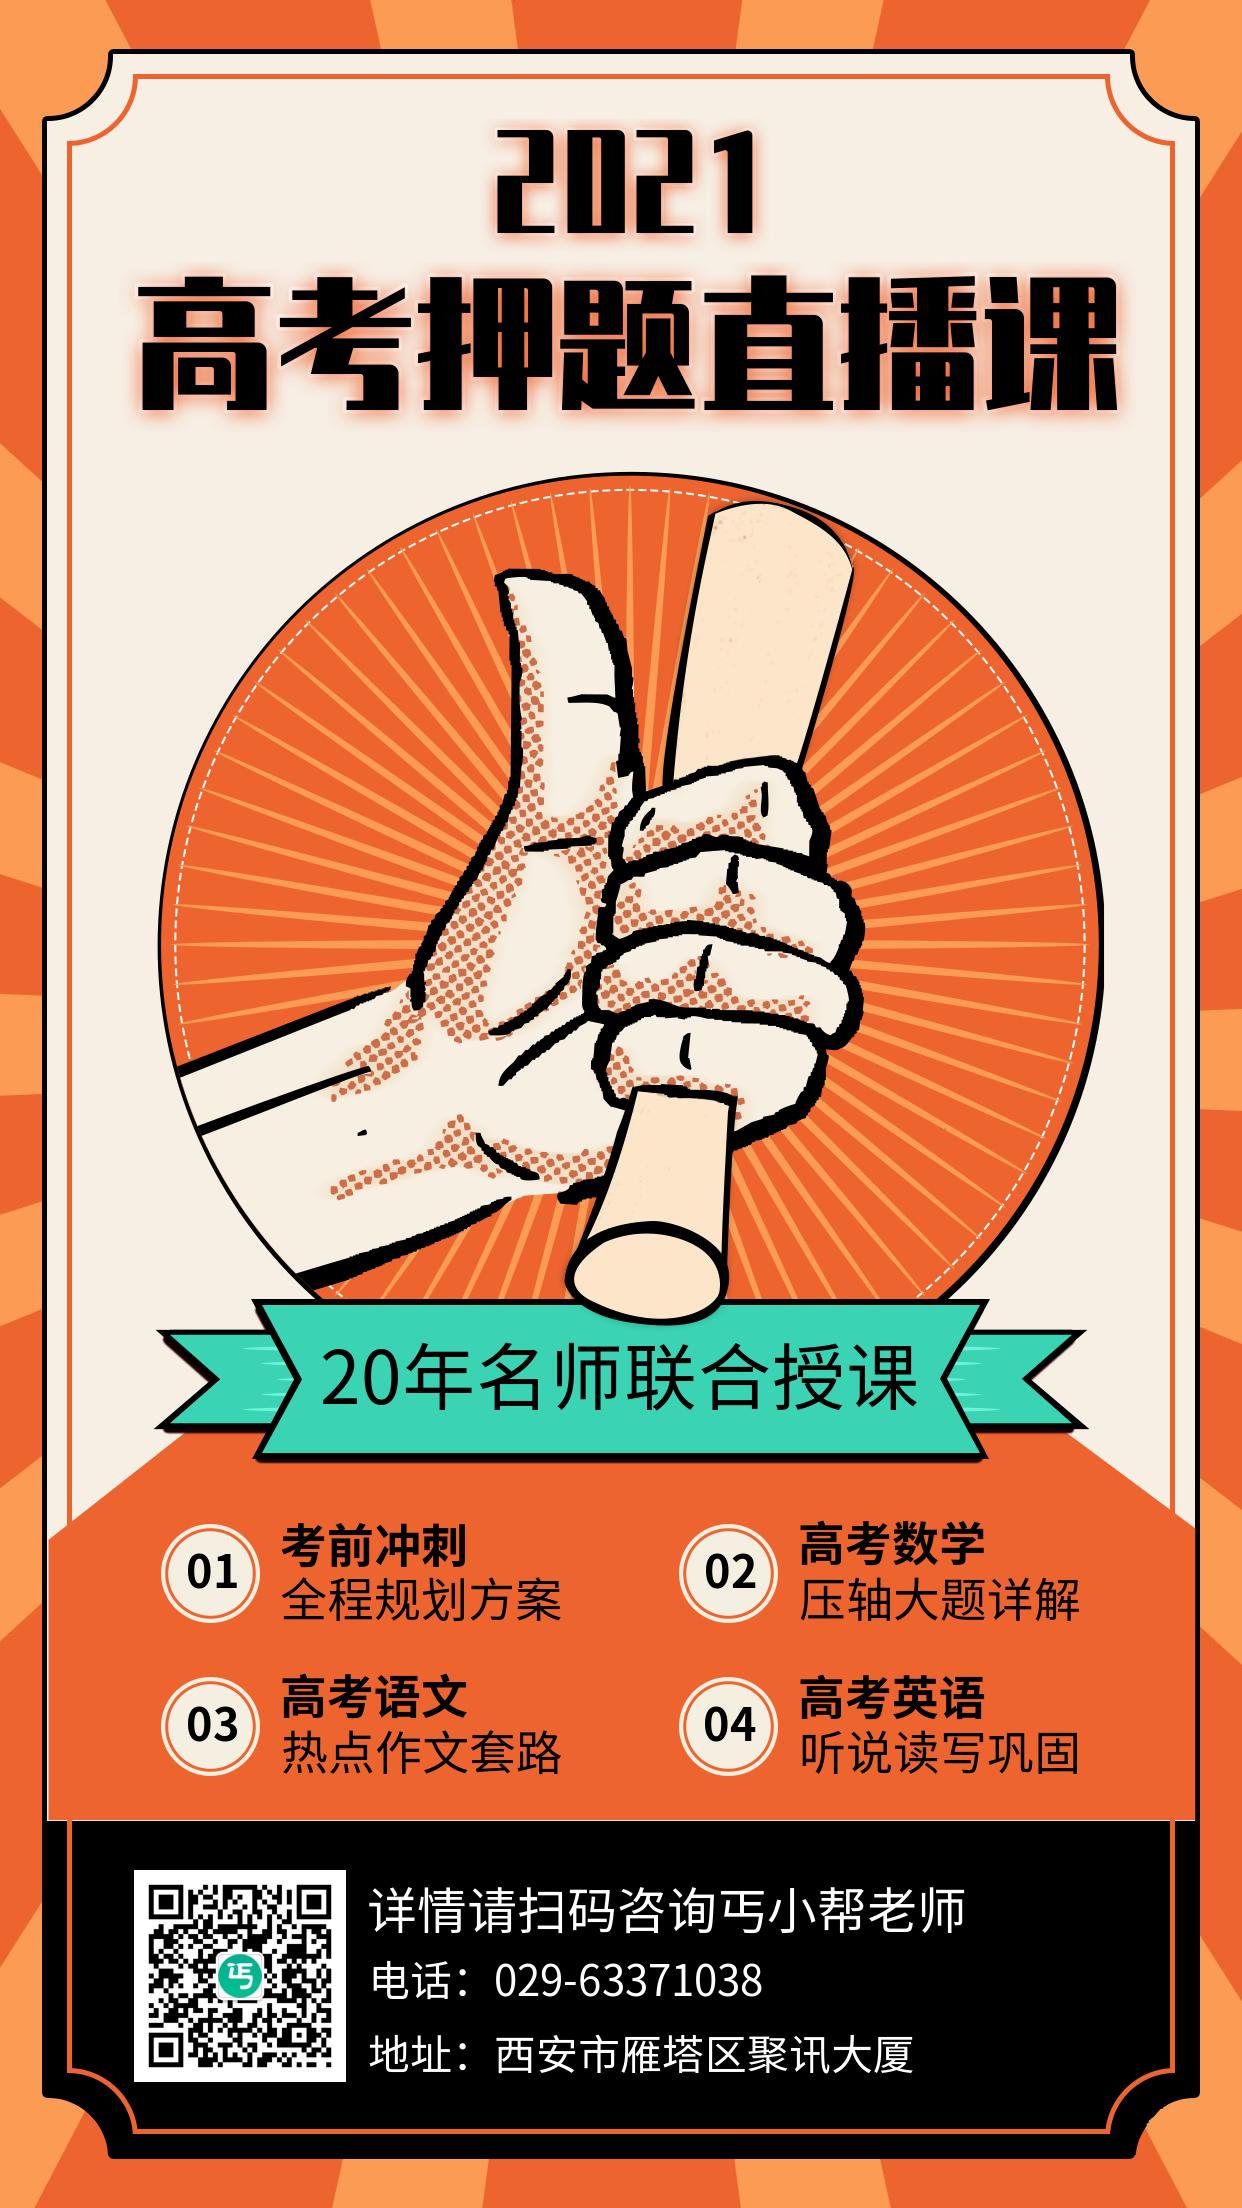 高考押题招生促销直播海报